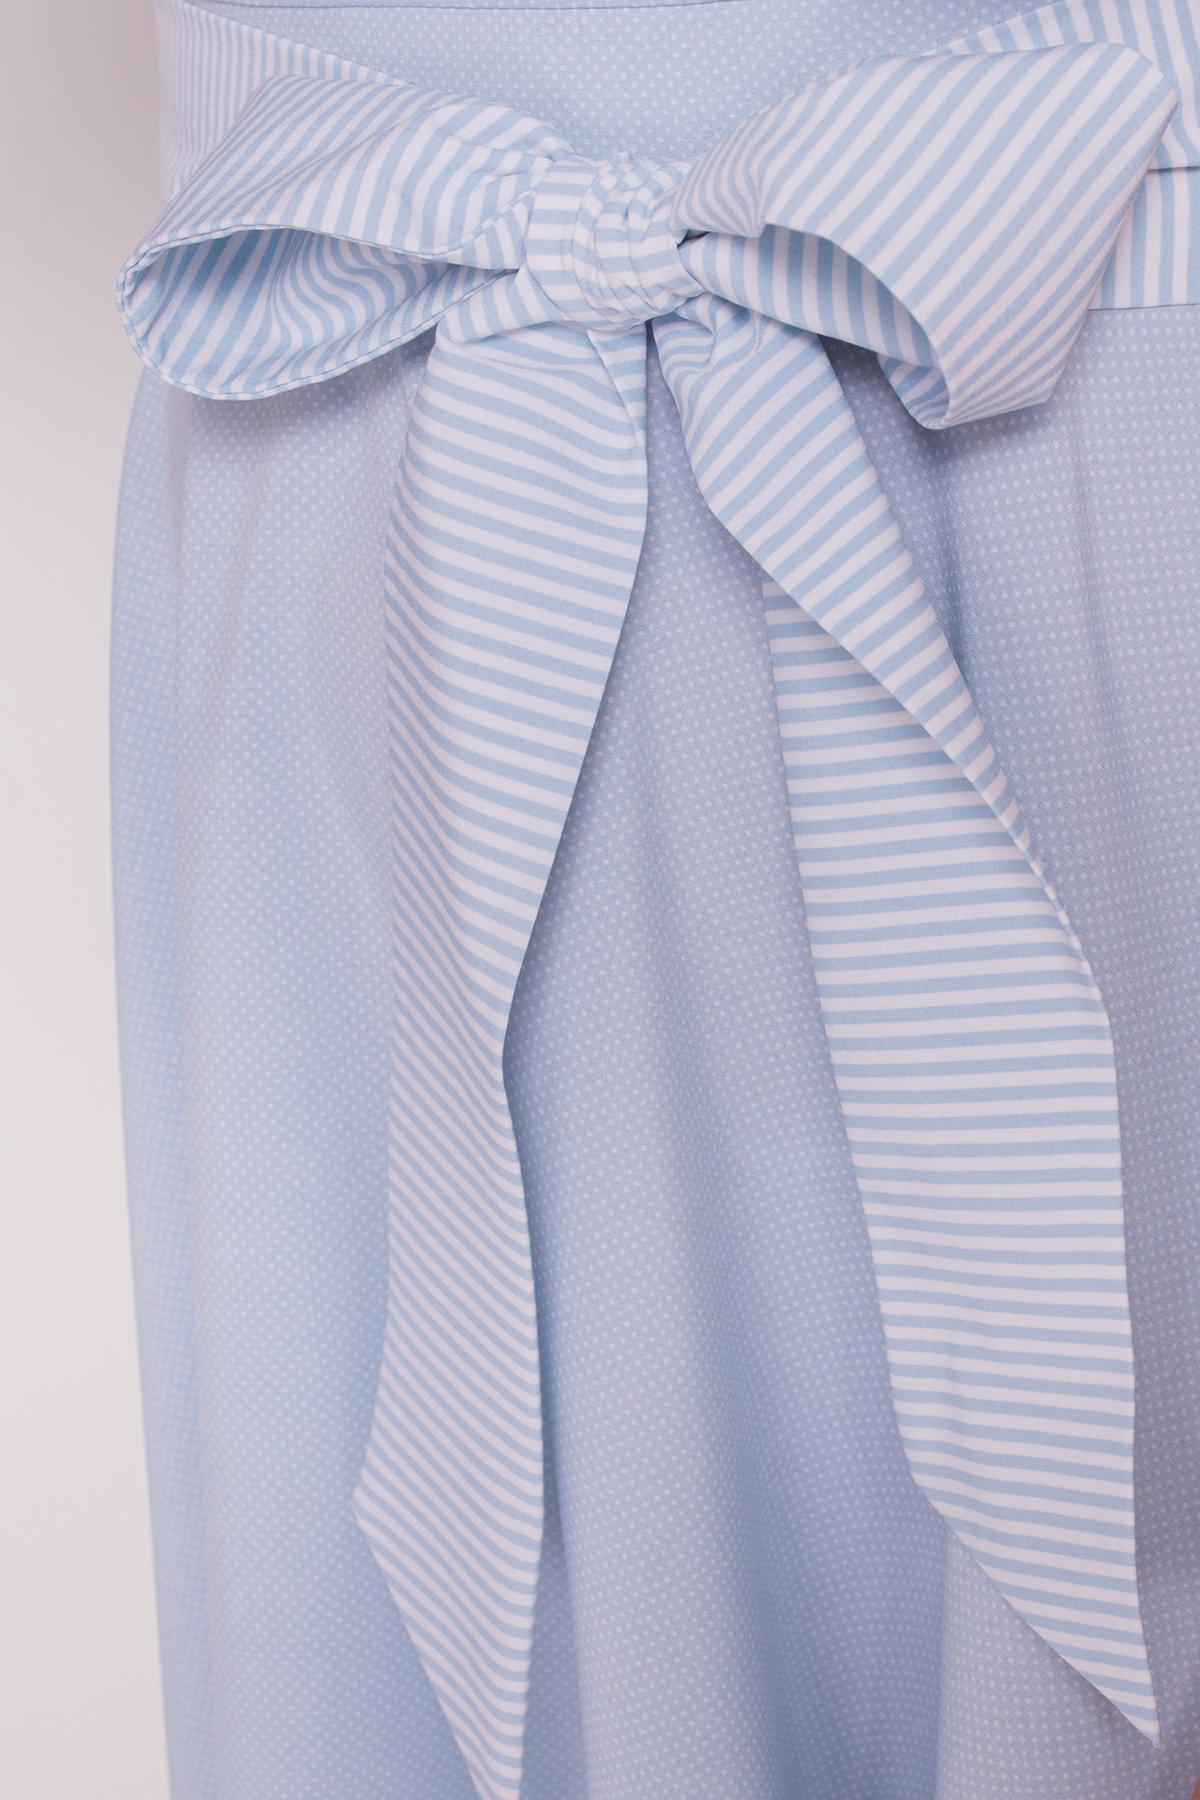 Платье Виолетта 4984 АРТ. 35583 Цвет: Голубой/ молоко горох - фото 5, интернет магазин tm-modus.ru